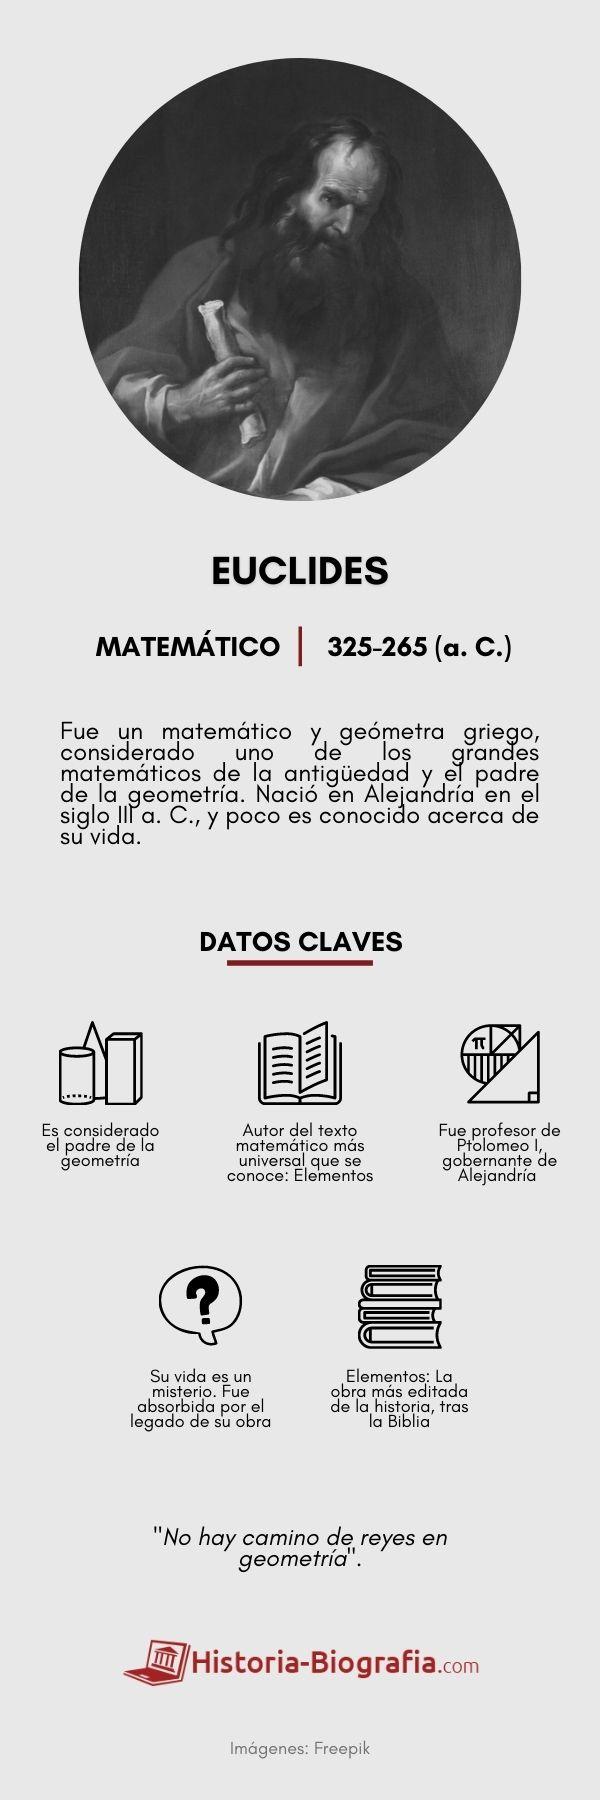 Infografía de Euclides